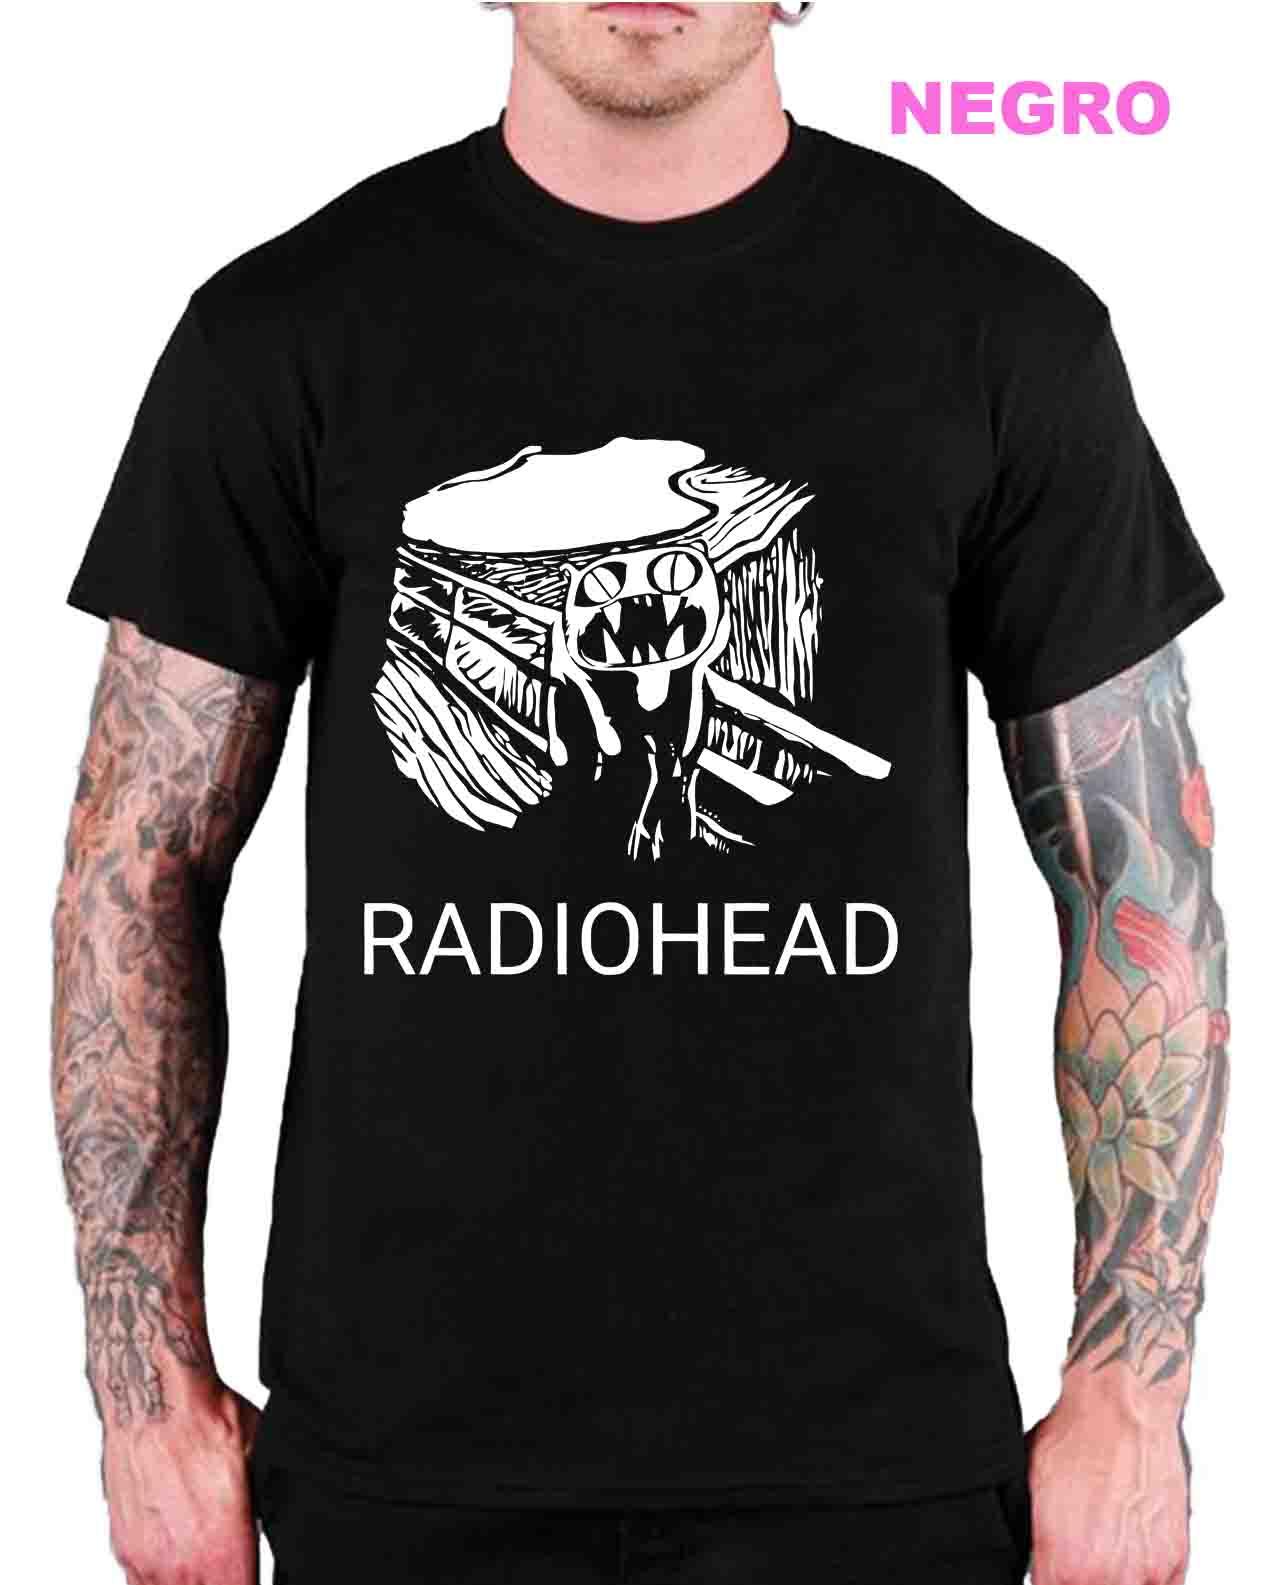 Radiohead - El Grito